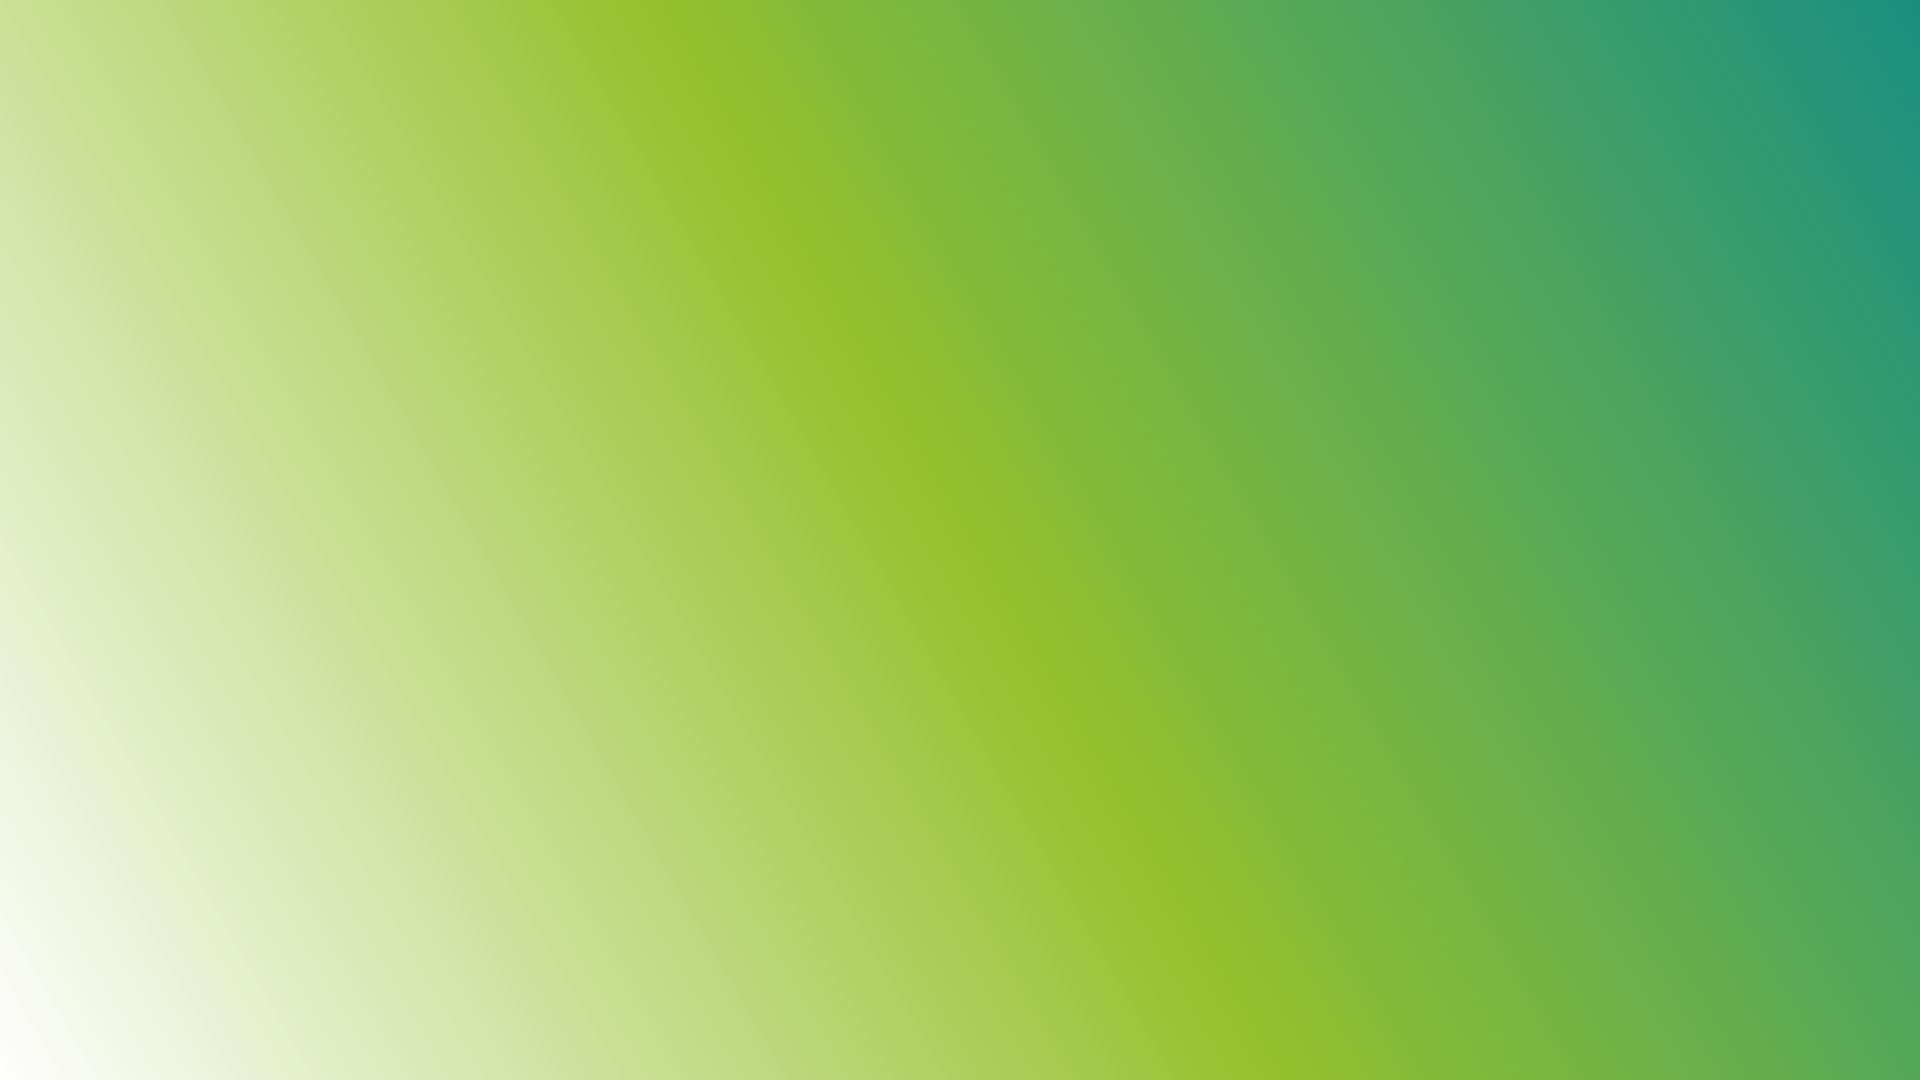 Aer Lingus Hex Colors CSS Gradient Brand Gradients 1920x1080